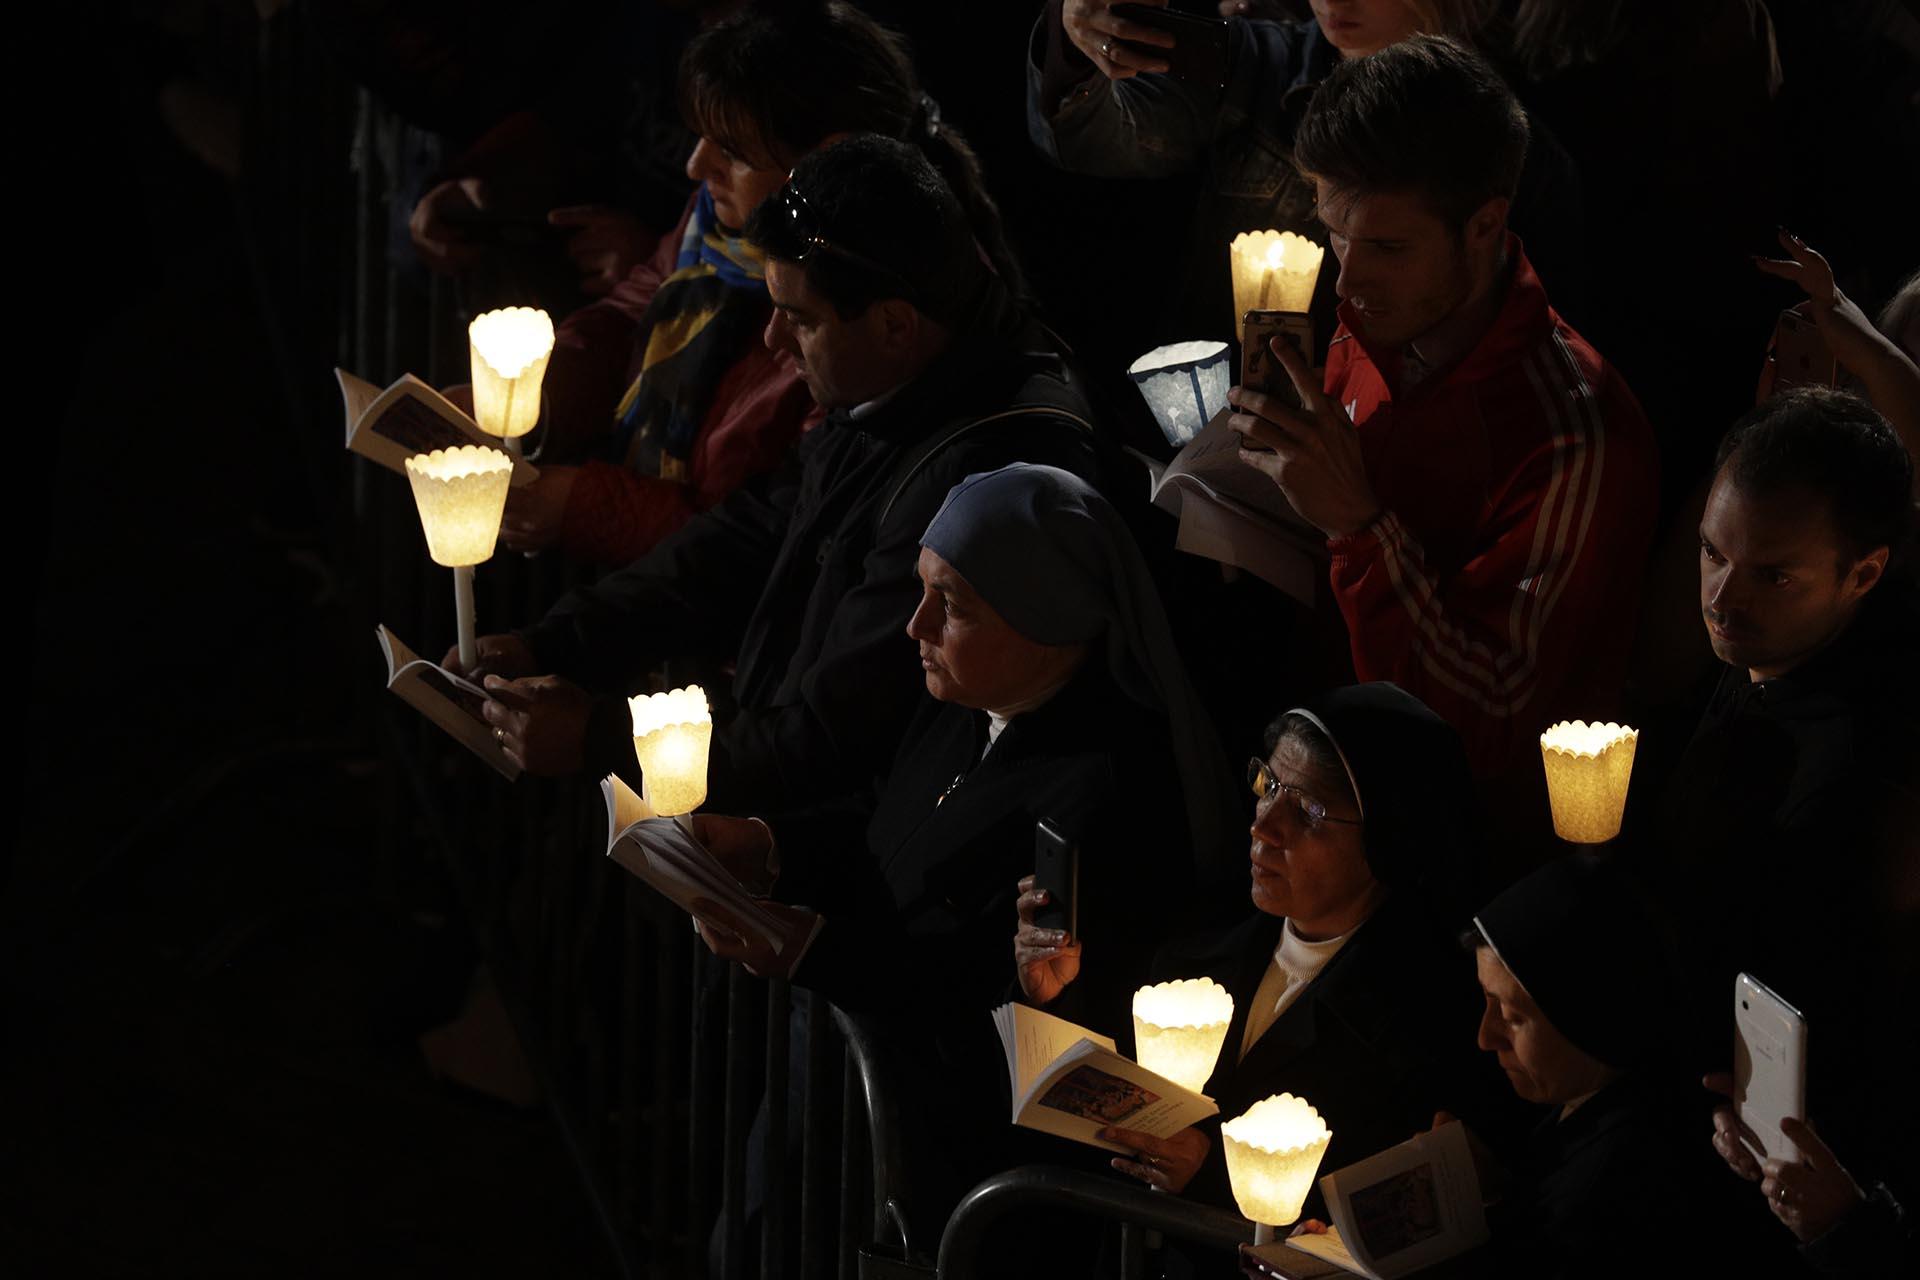 Fotos: AFP – AP – Getty